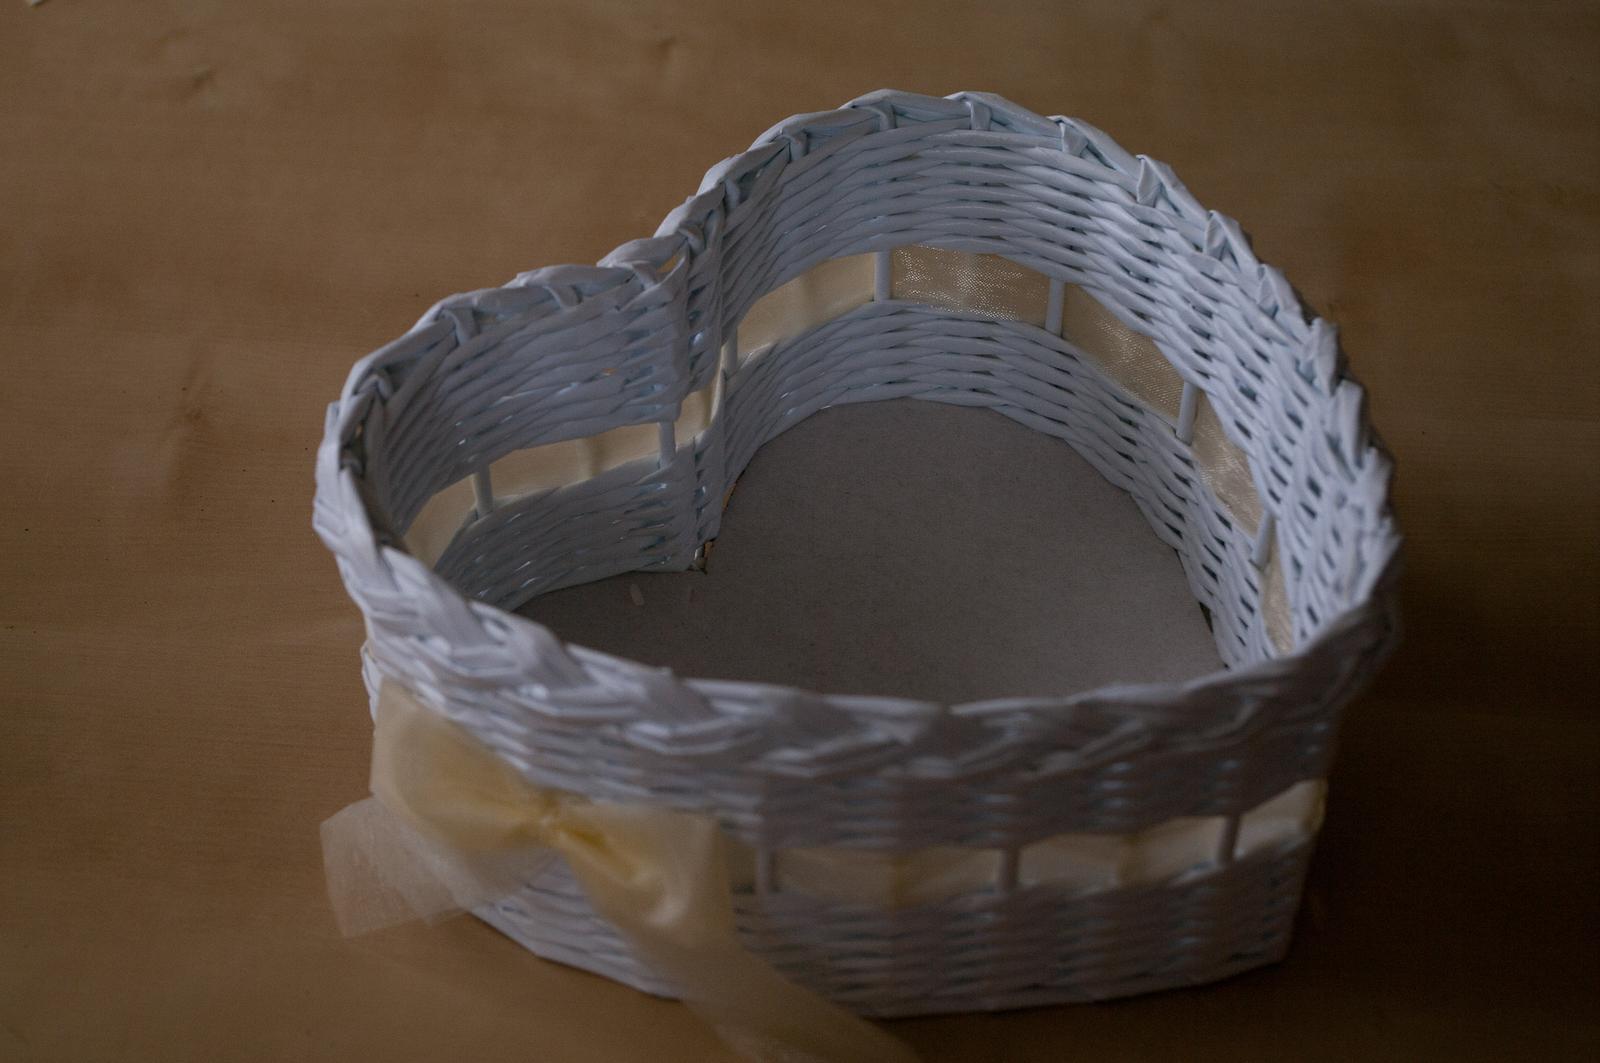 Košíky ve tvaru srdce pro družičky 3 ks - Obrázek č. 3